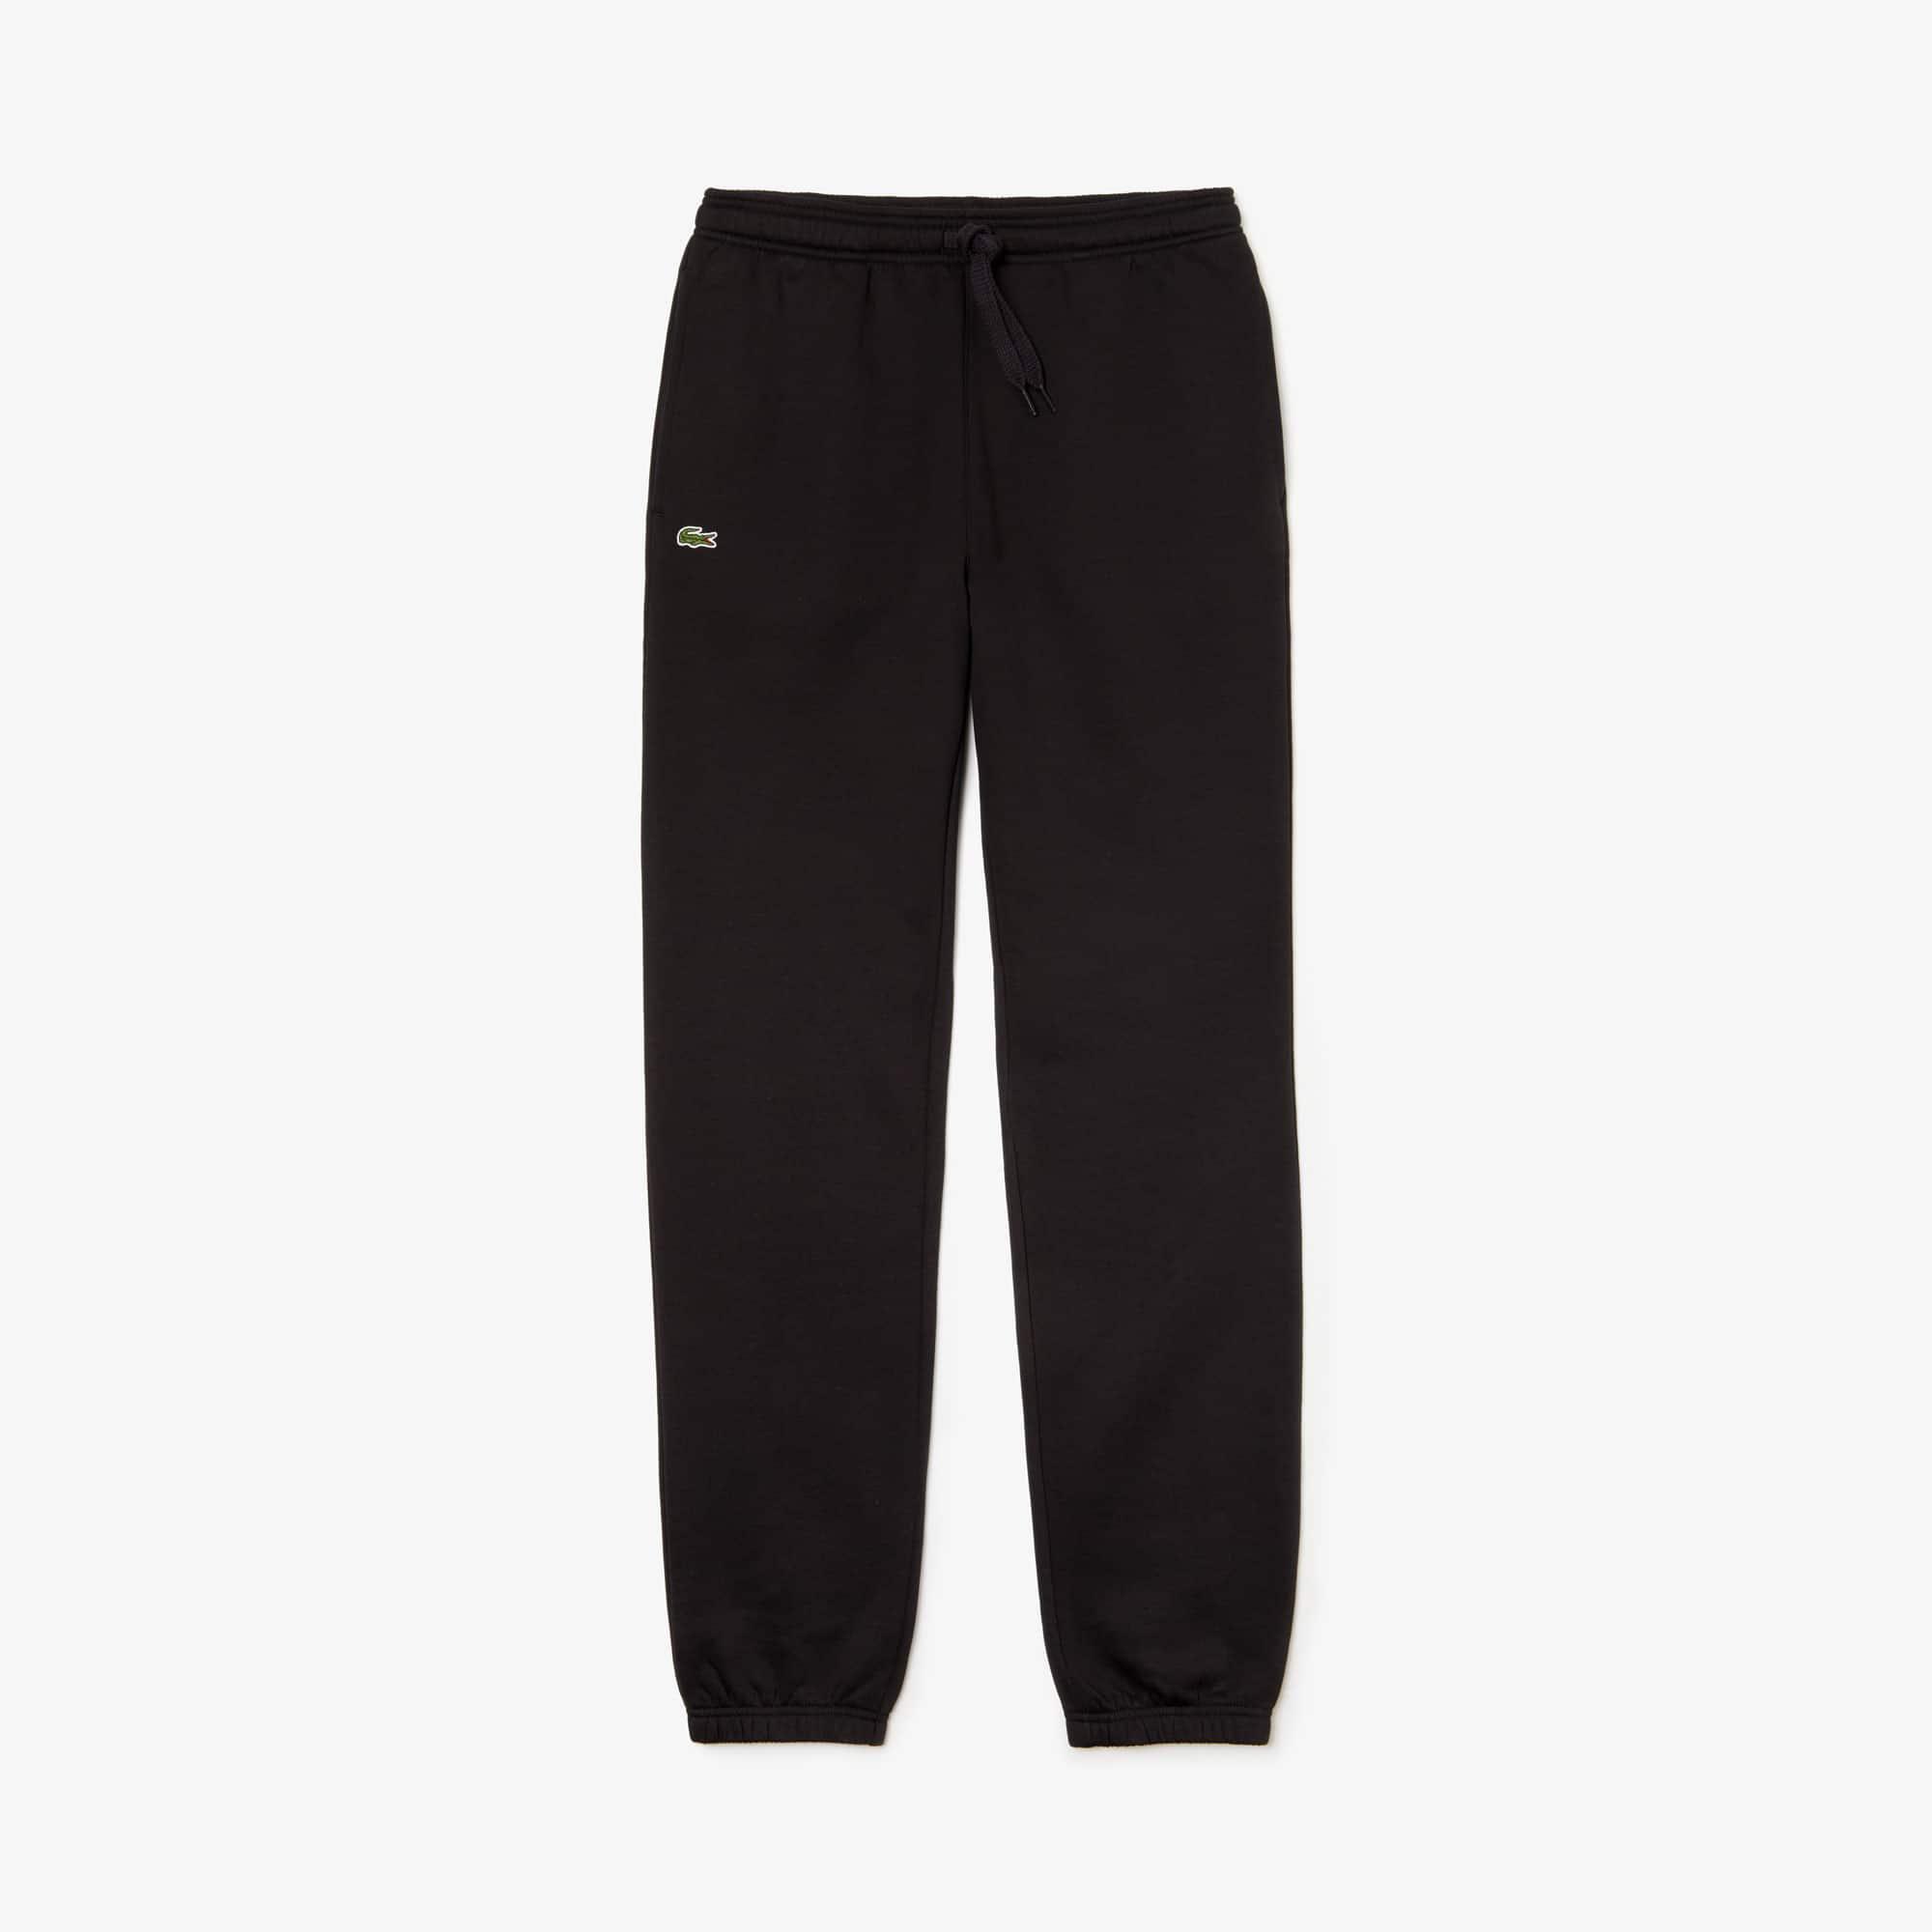 1aa287e441 Pantalon de survêtement Tennis Lacoste SPORT en molleton uni   LACOSTE